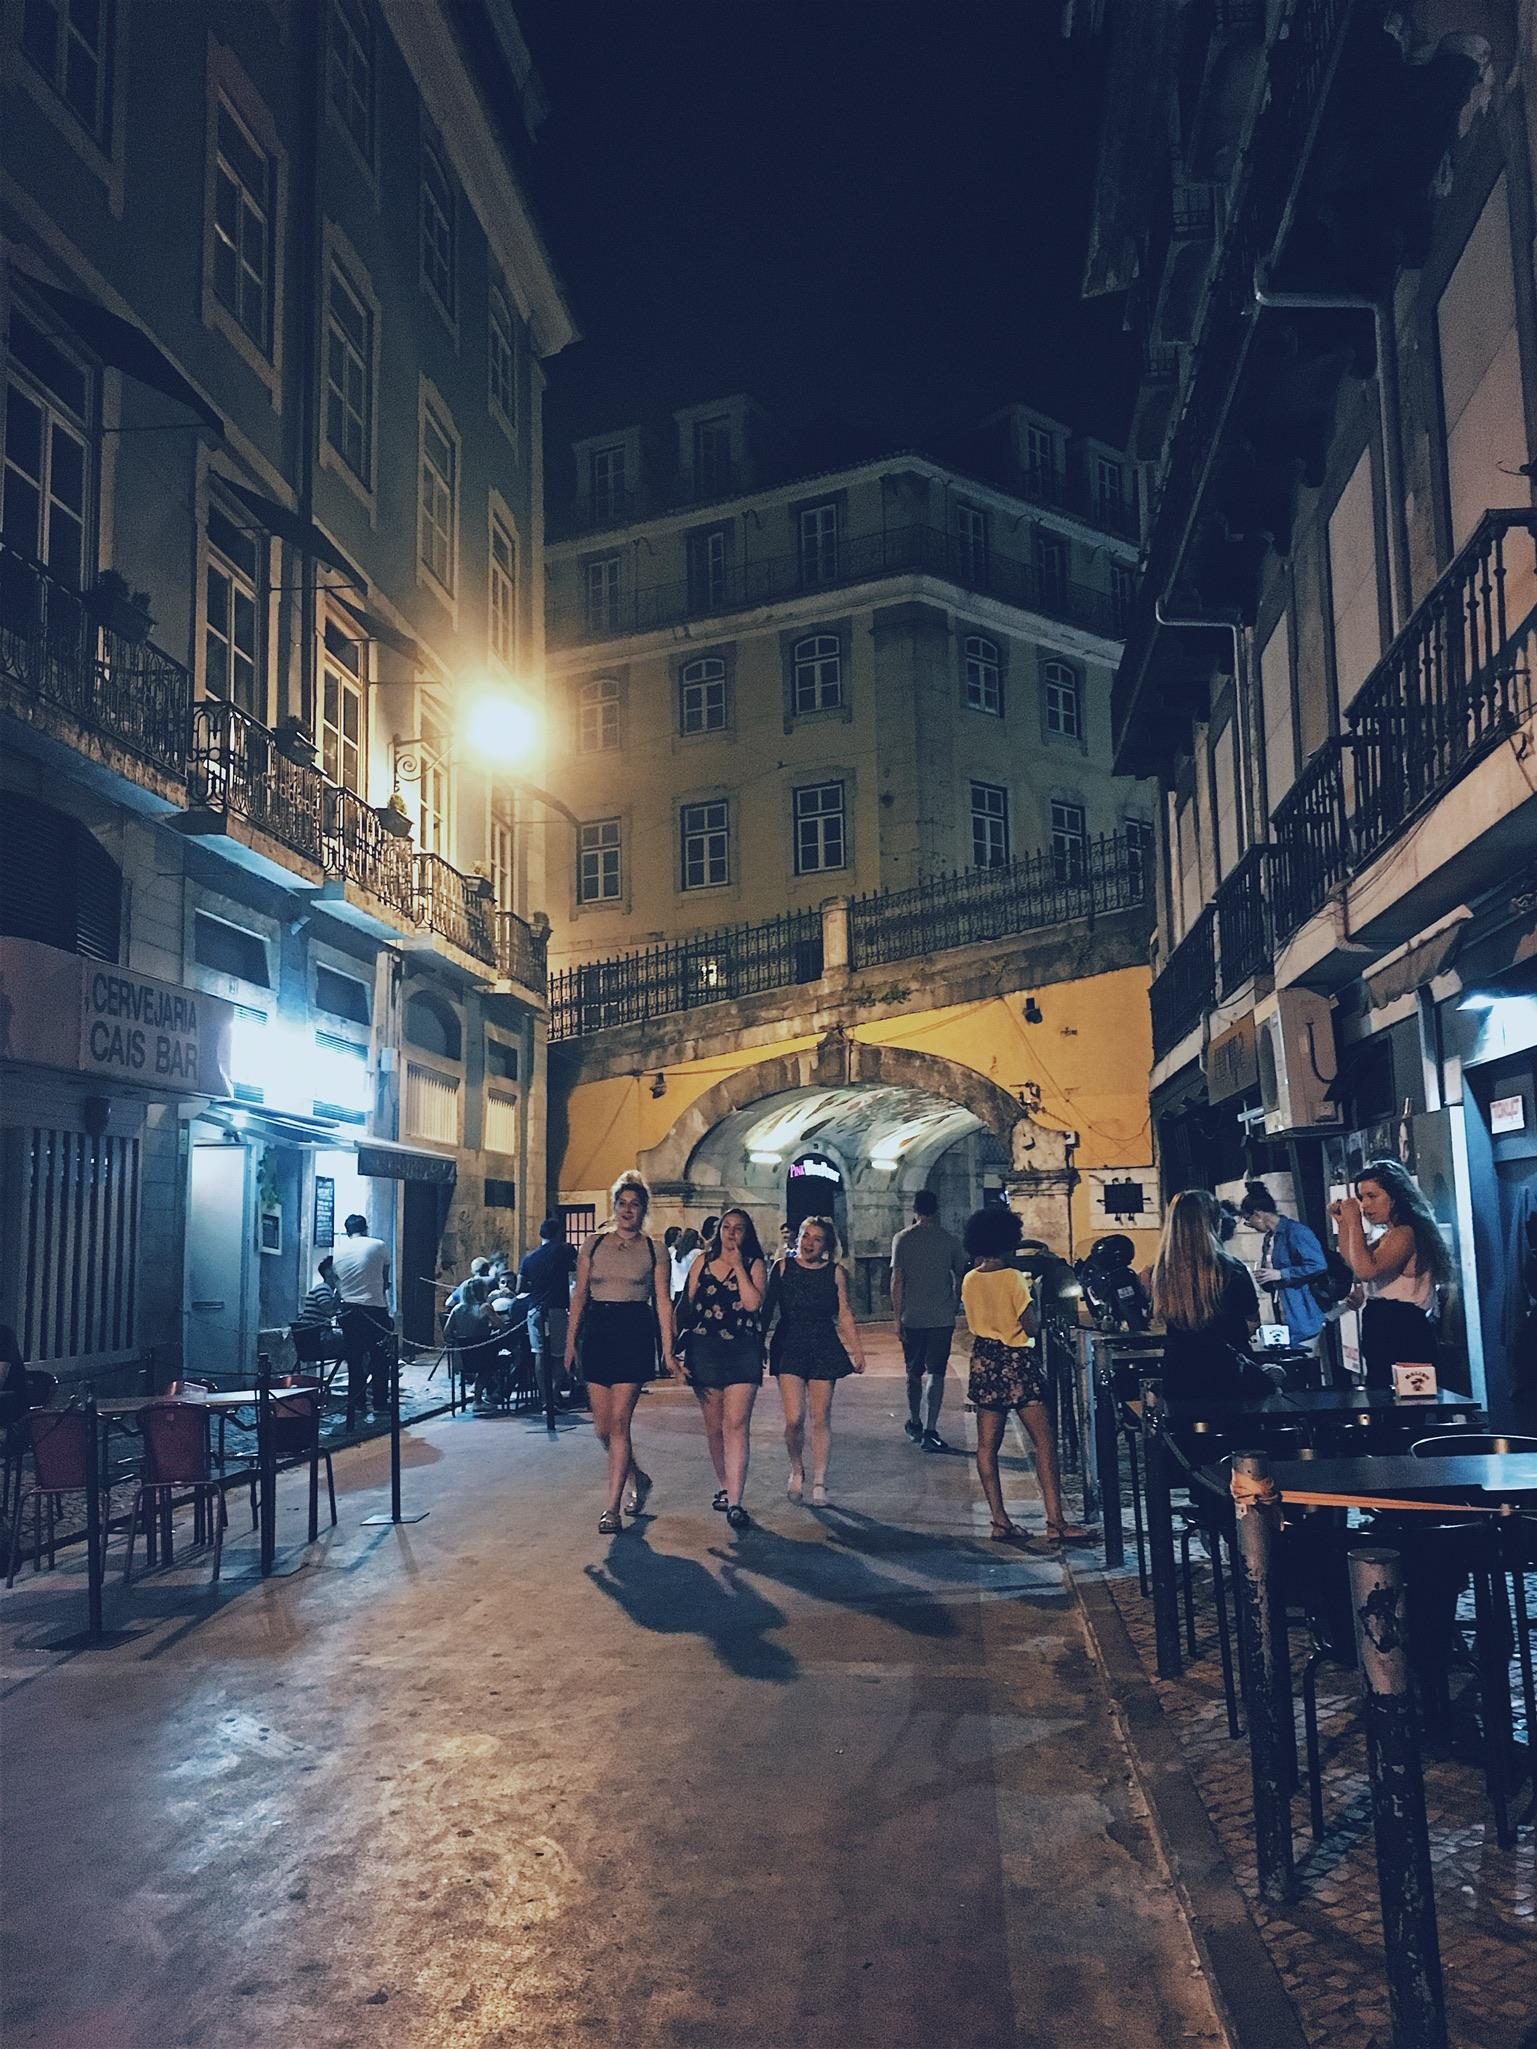 Rua Nova do Carvalho, a party street